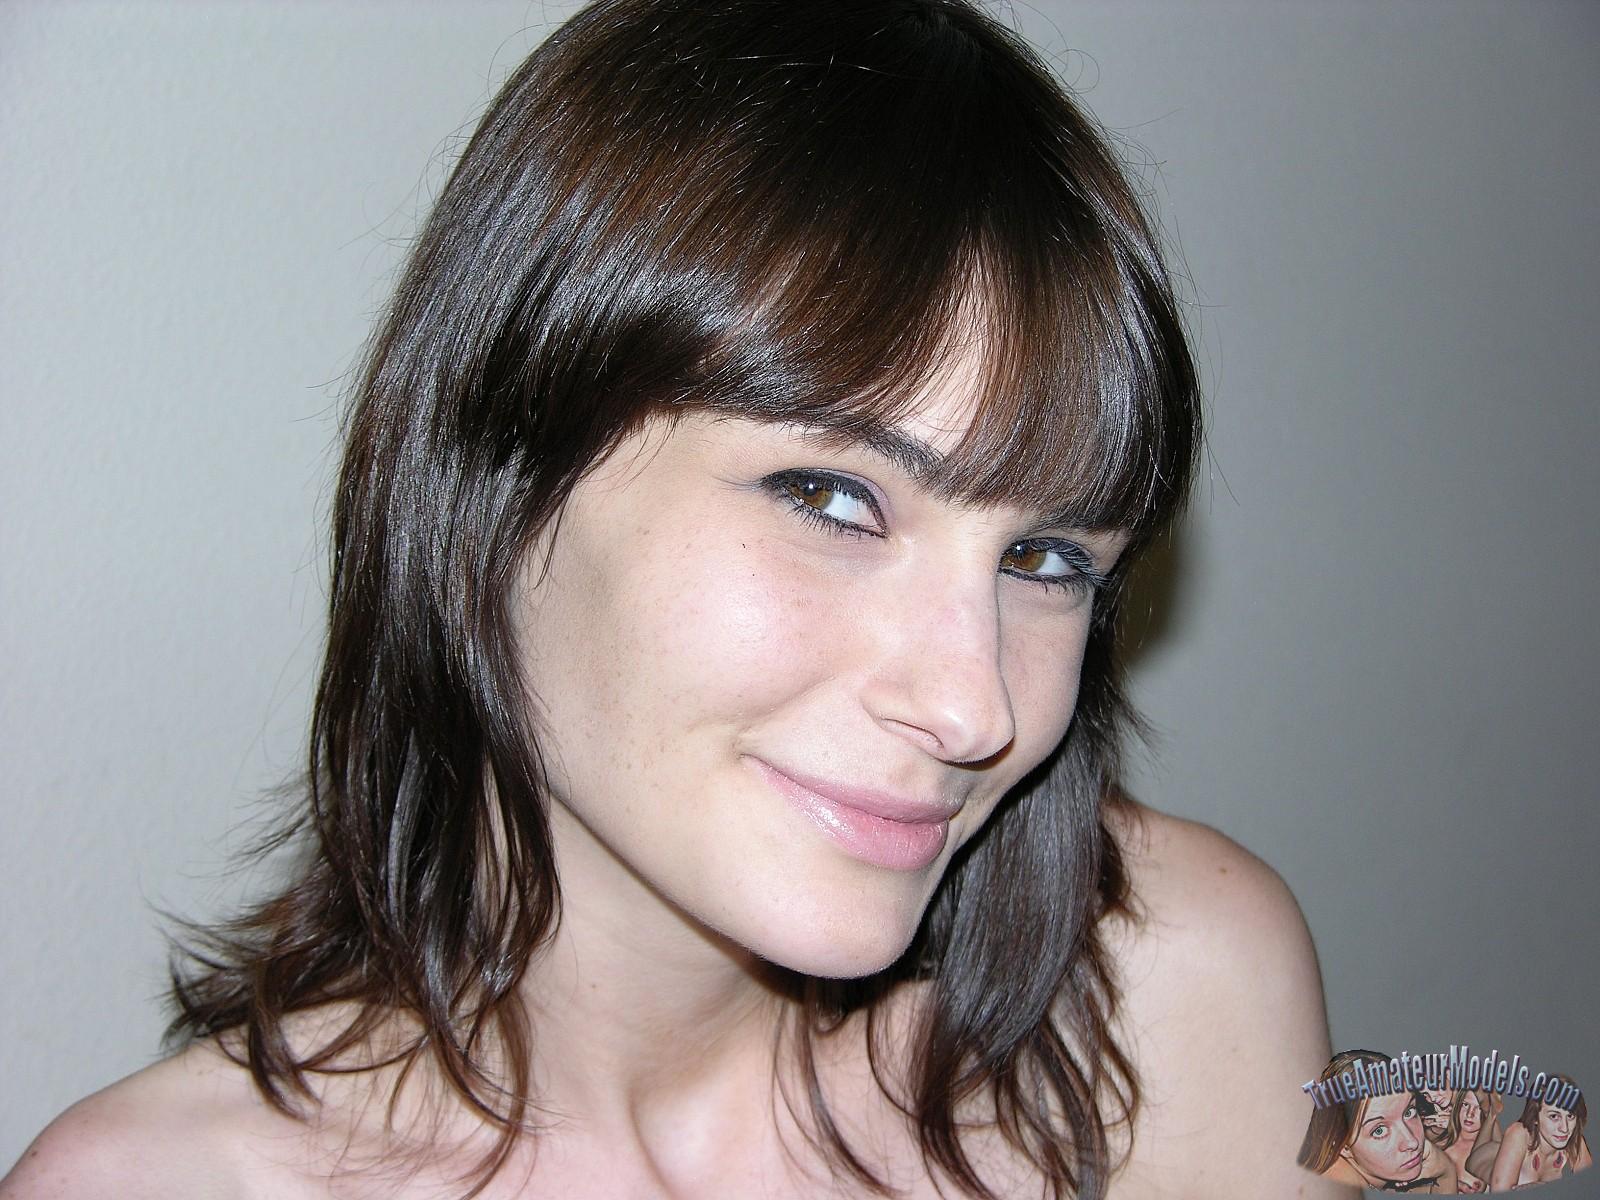 alexis texas nude oral sex